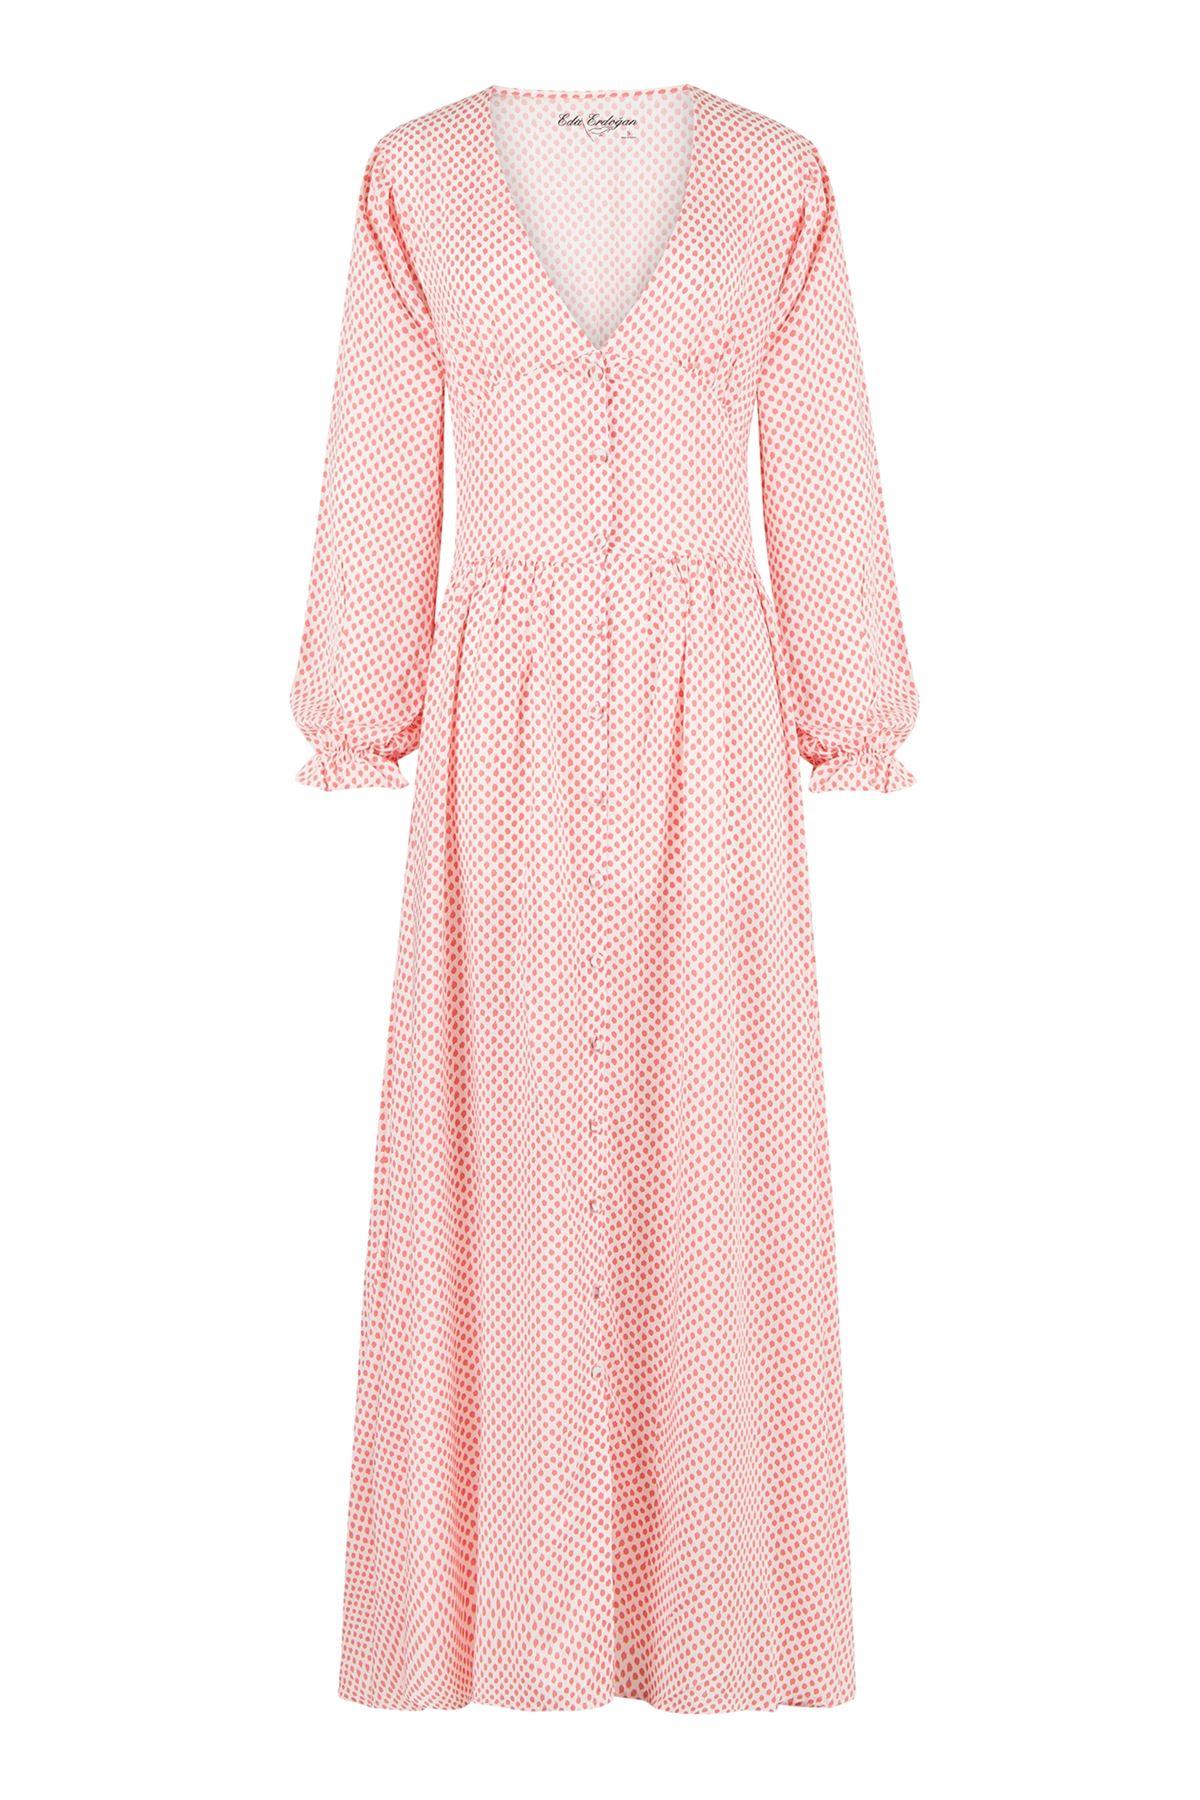 Vintage Dress (Beyaz Üzeri Yavruağzı Puantiyeli)